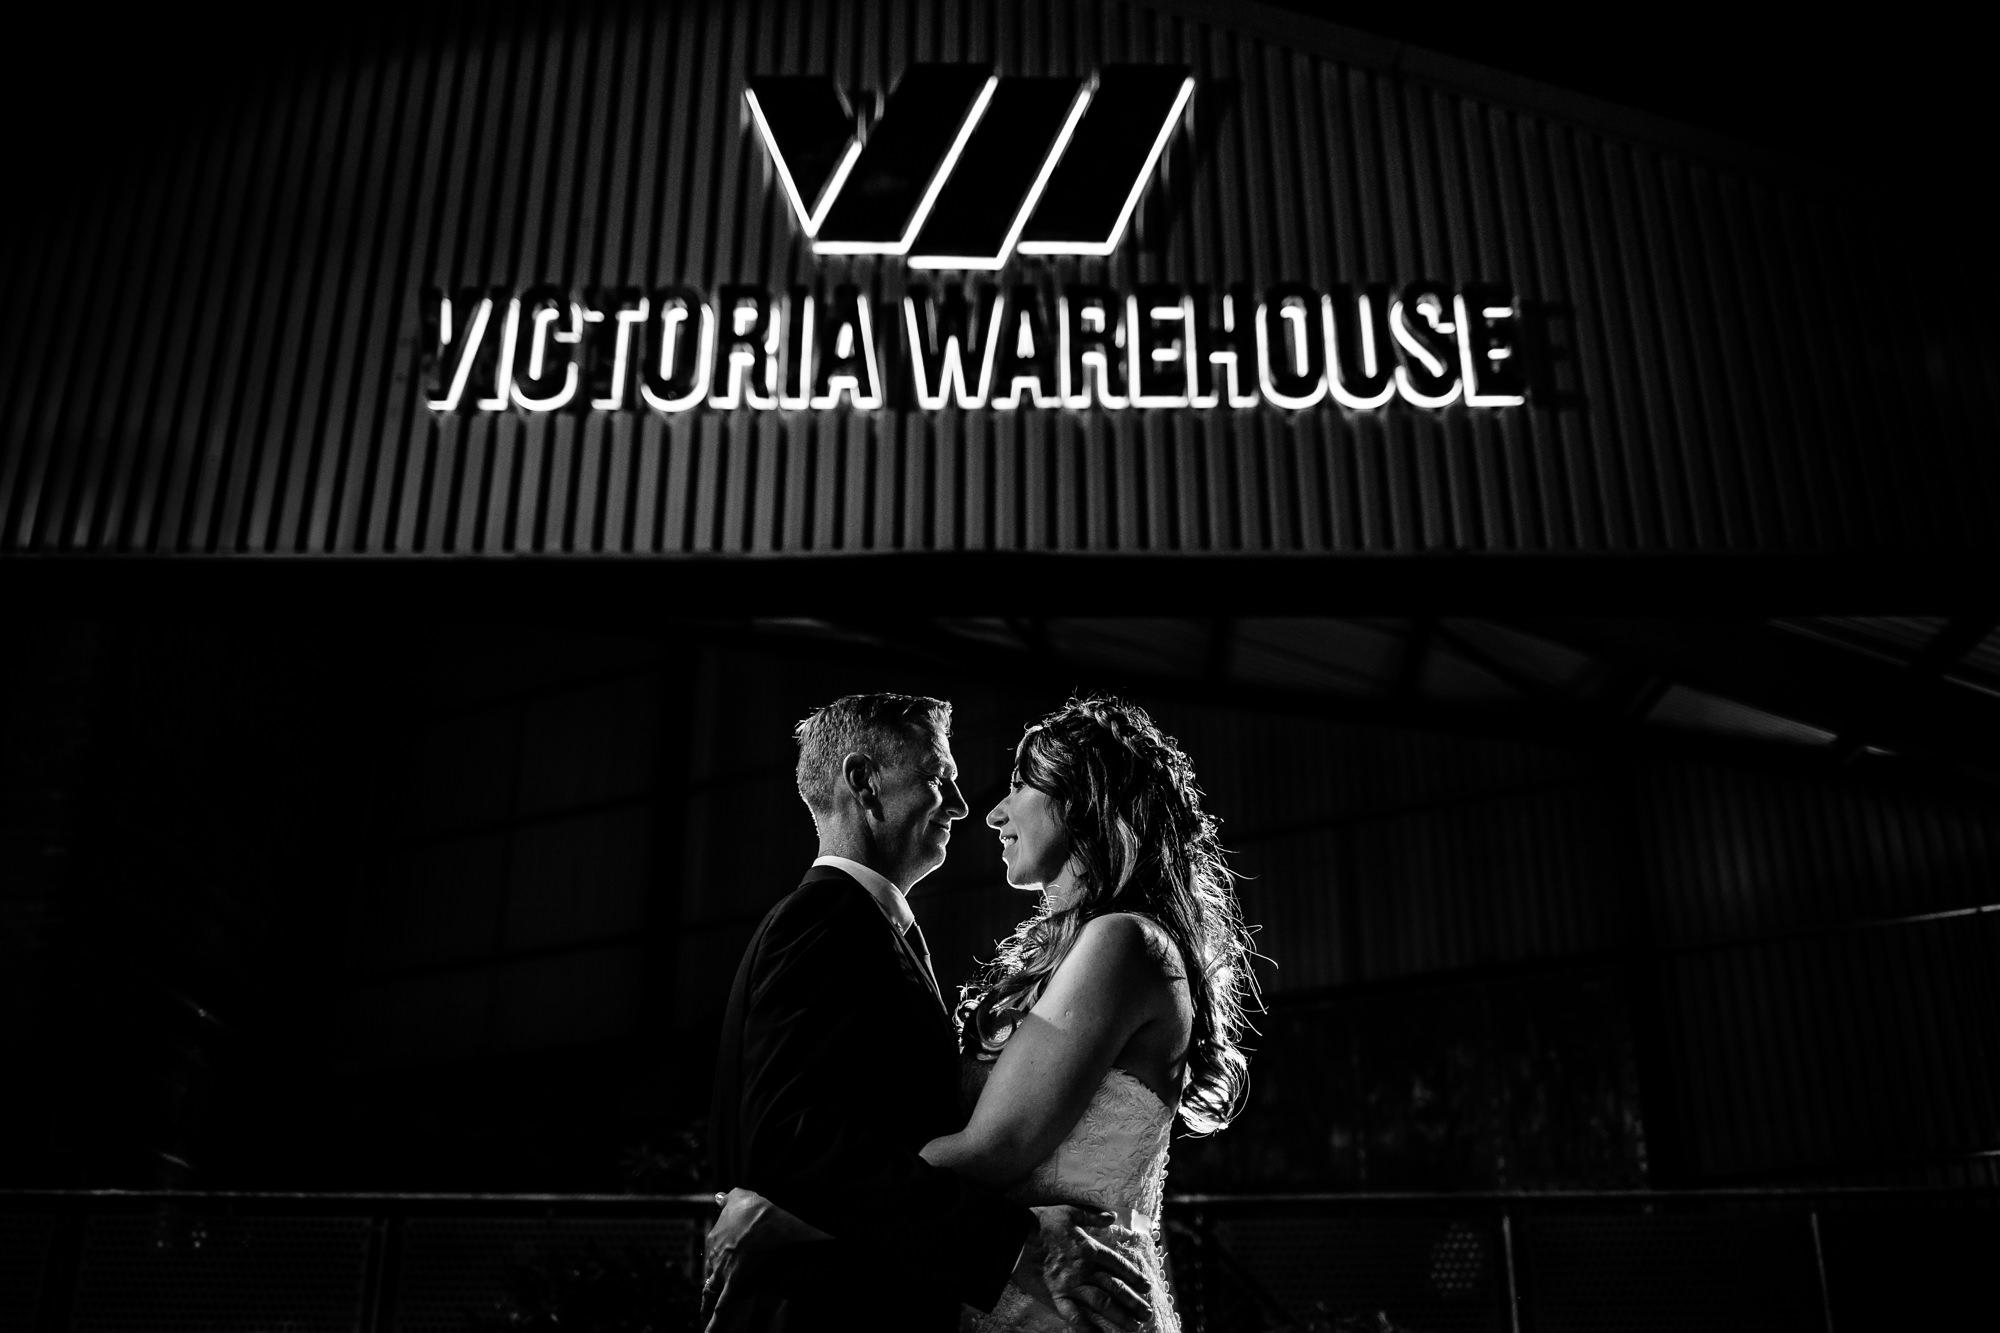 BEV & CRAIG - Victoria Warehouse, Manchester